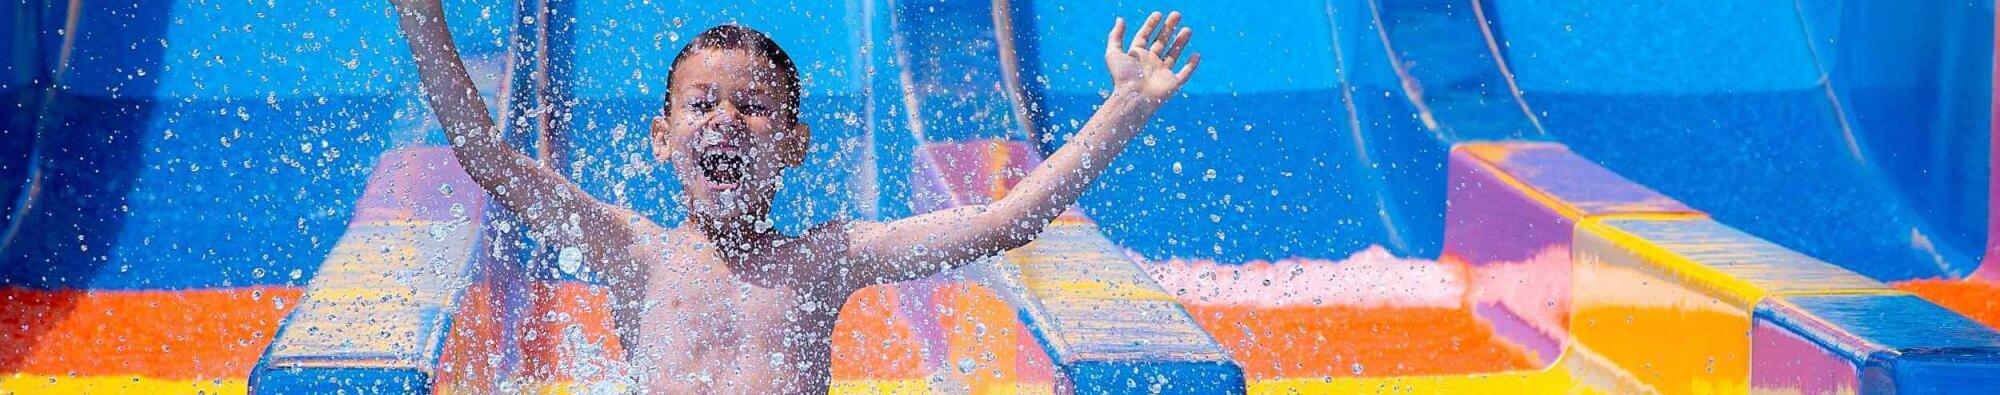 Offerta BIMBO GRATIS: Speciale Terme a fine luglio le tue vacanze in famiglia sono ancora più belle